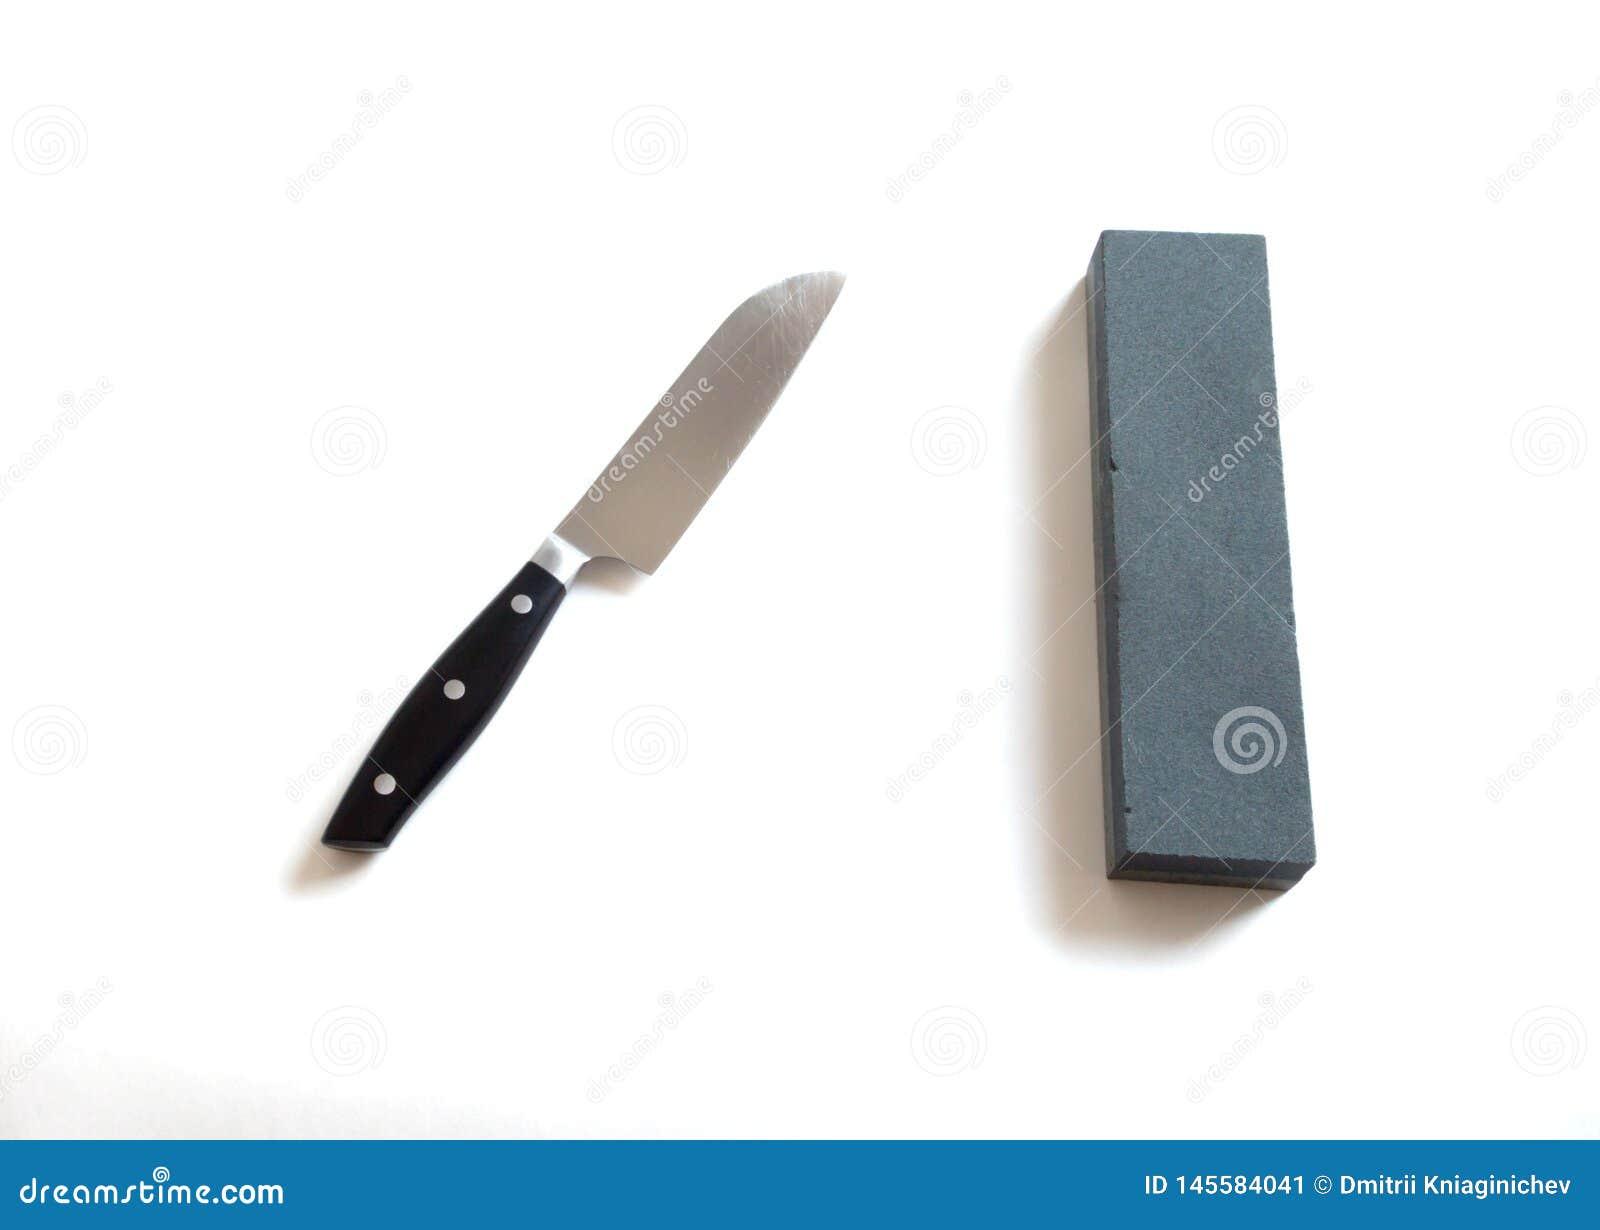 Кухонный нож и камень точить на белом фоновом изображении